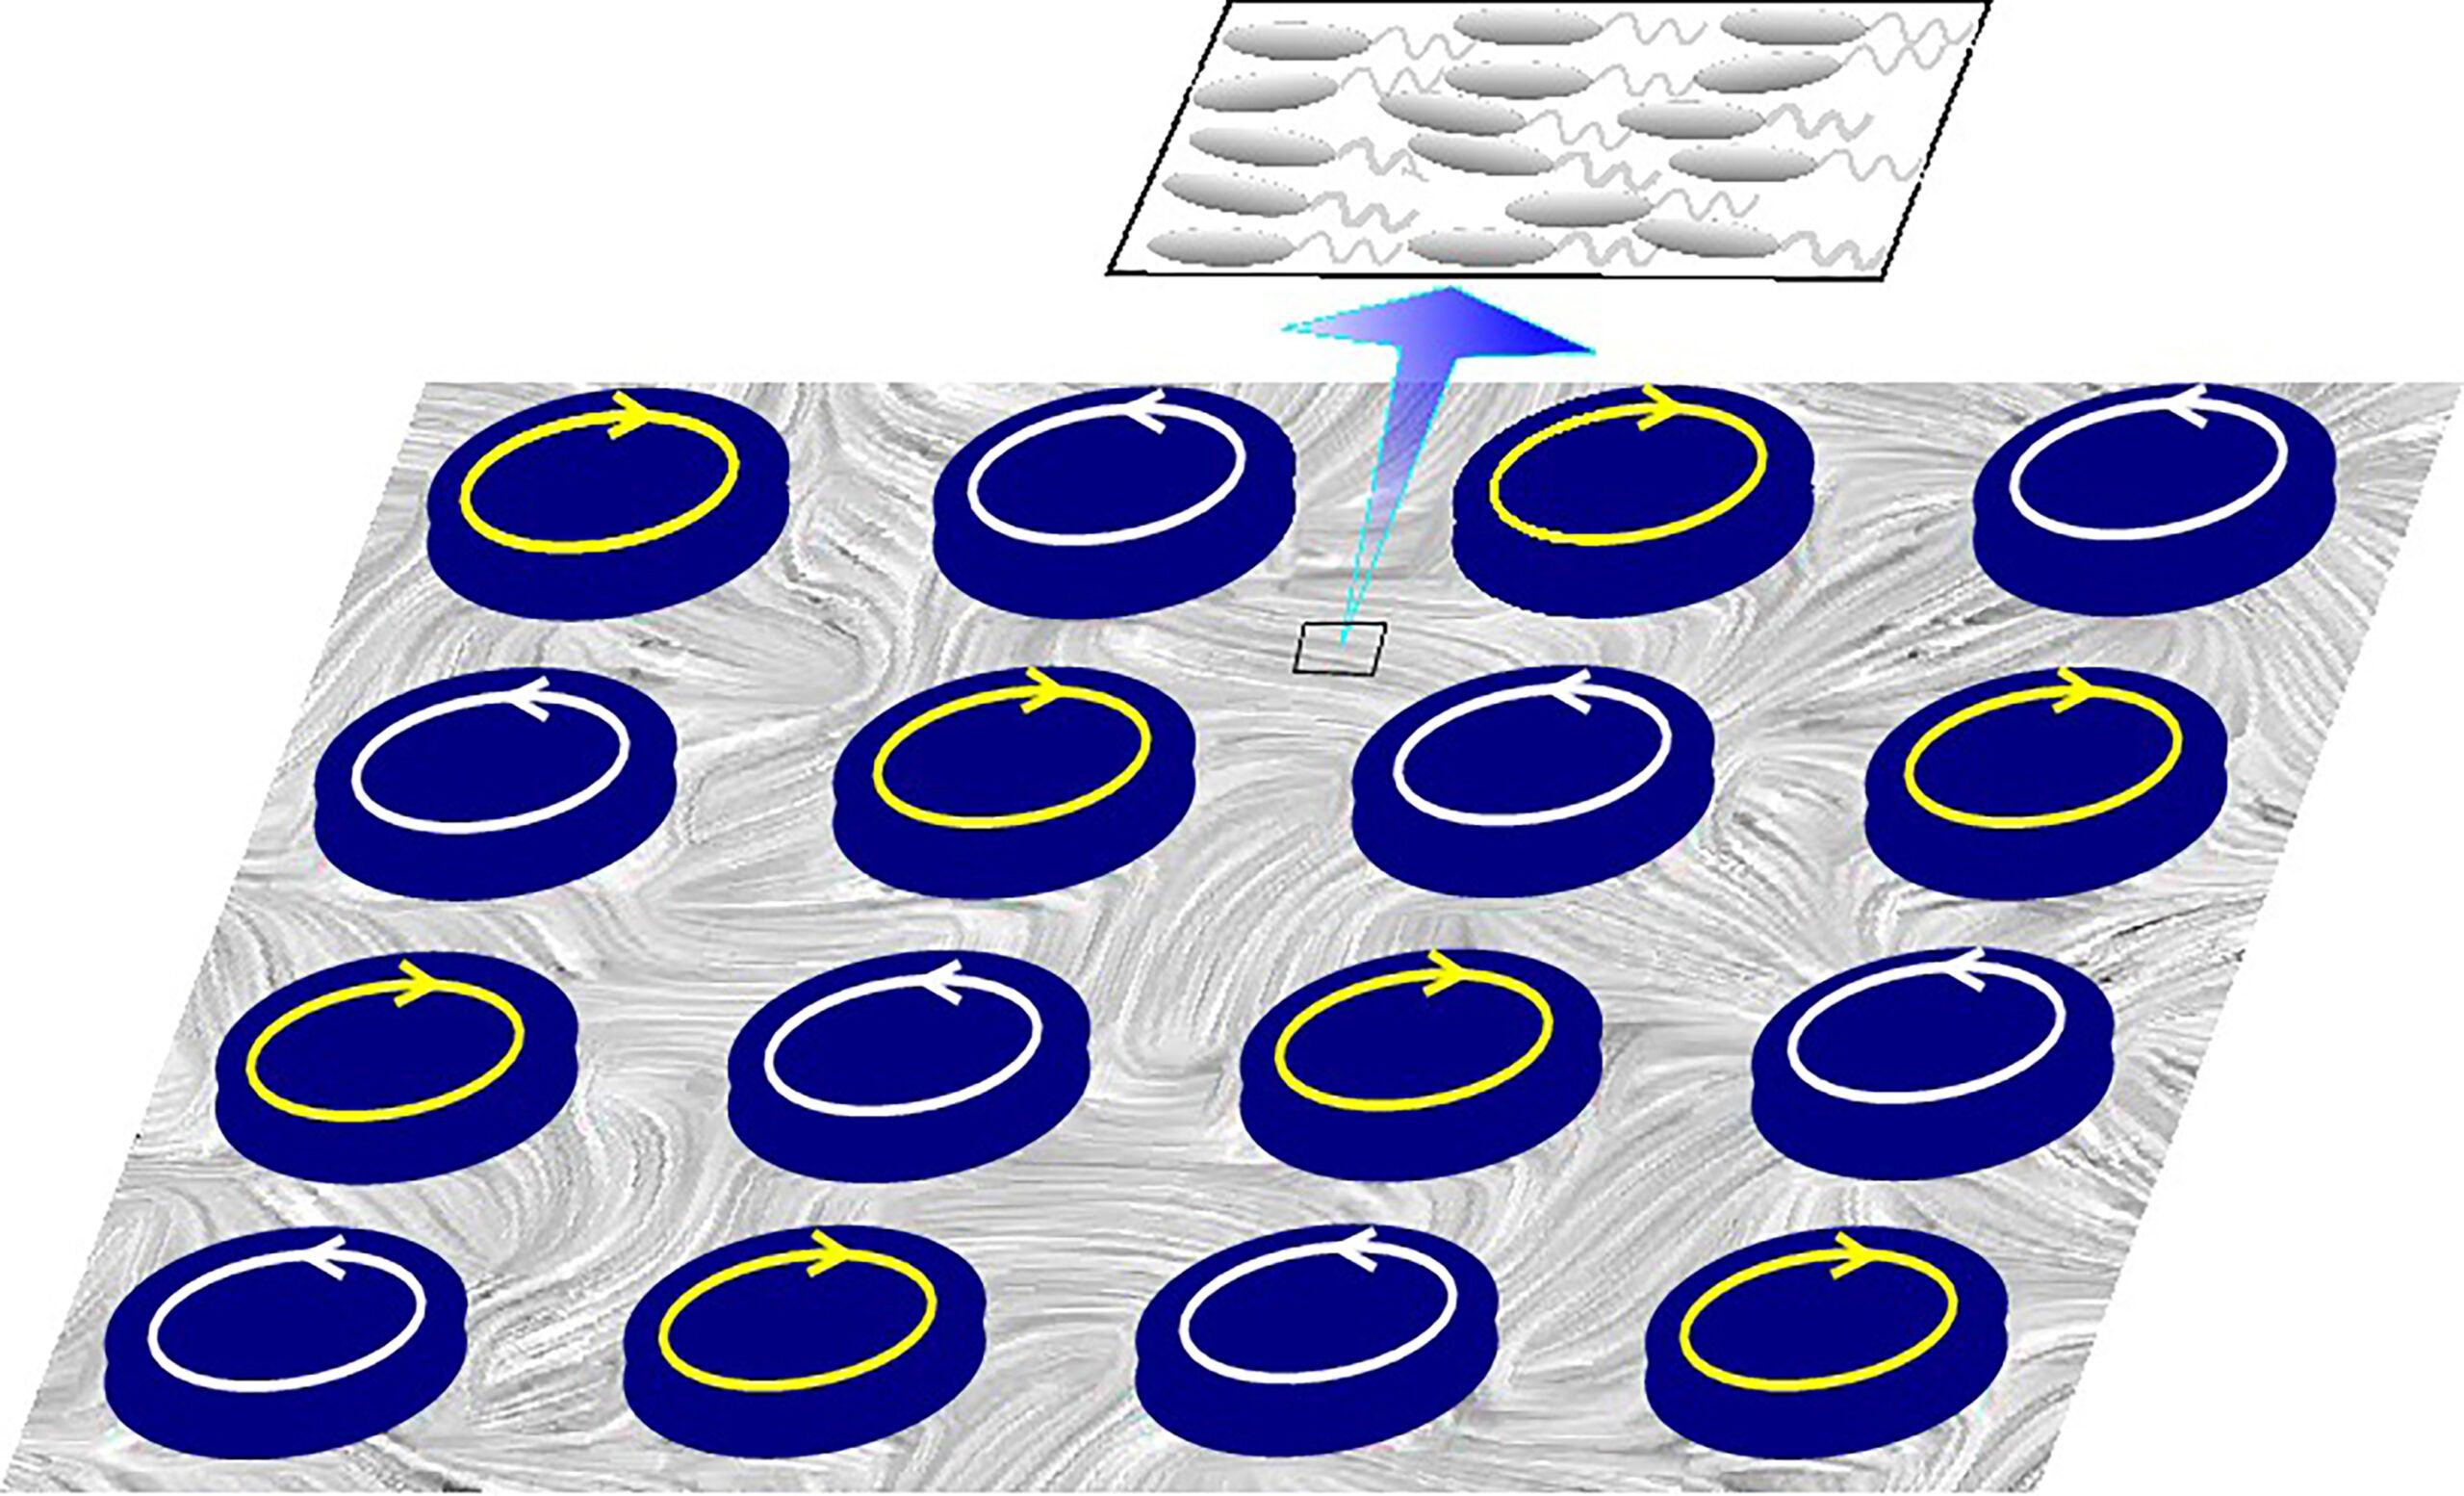 Bacteria Turbulence